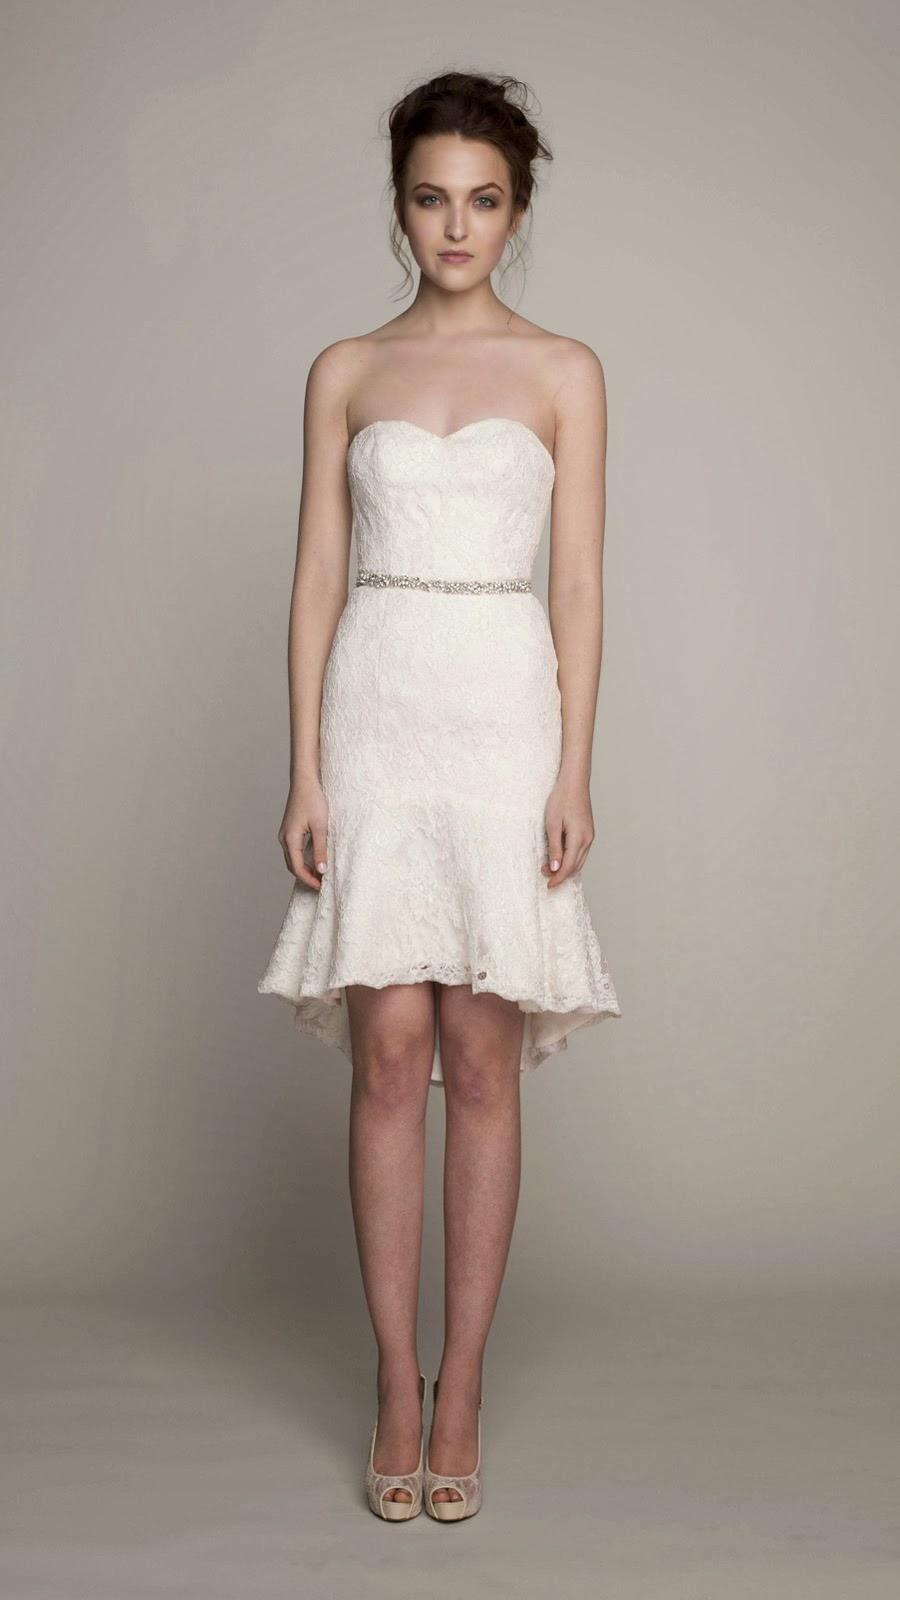 Short Wedding Dresses Alfred Angelo Dress Images